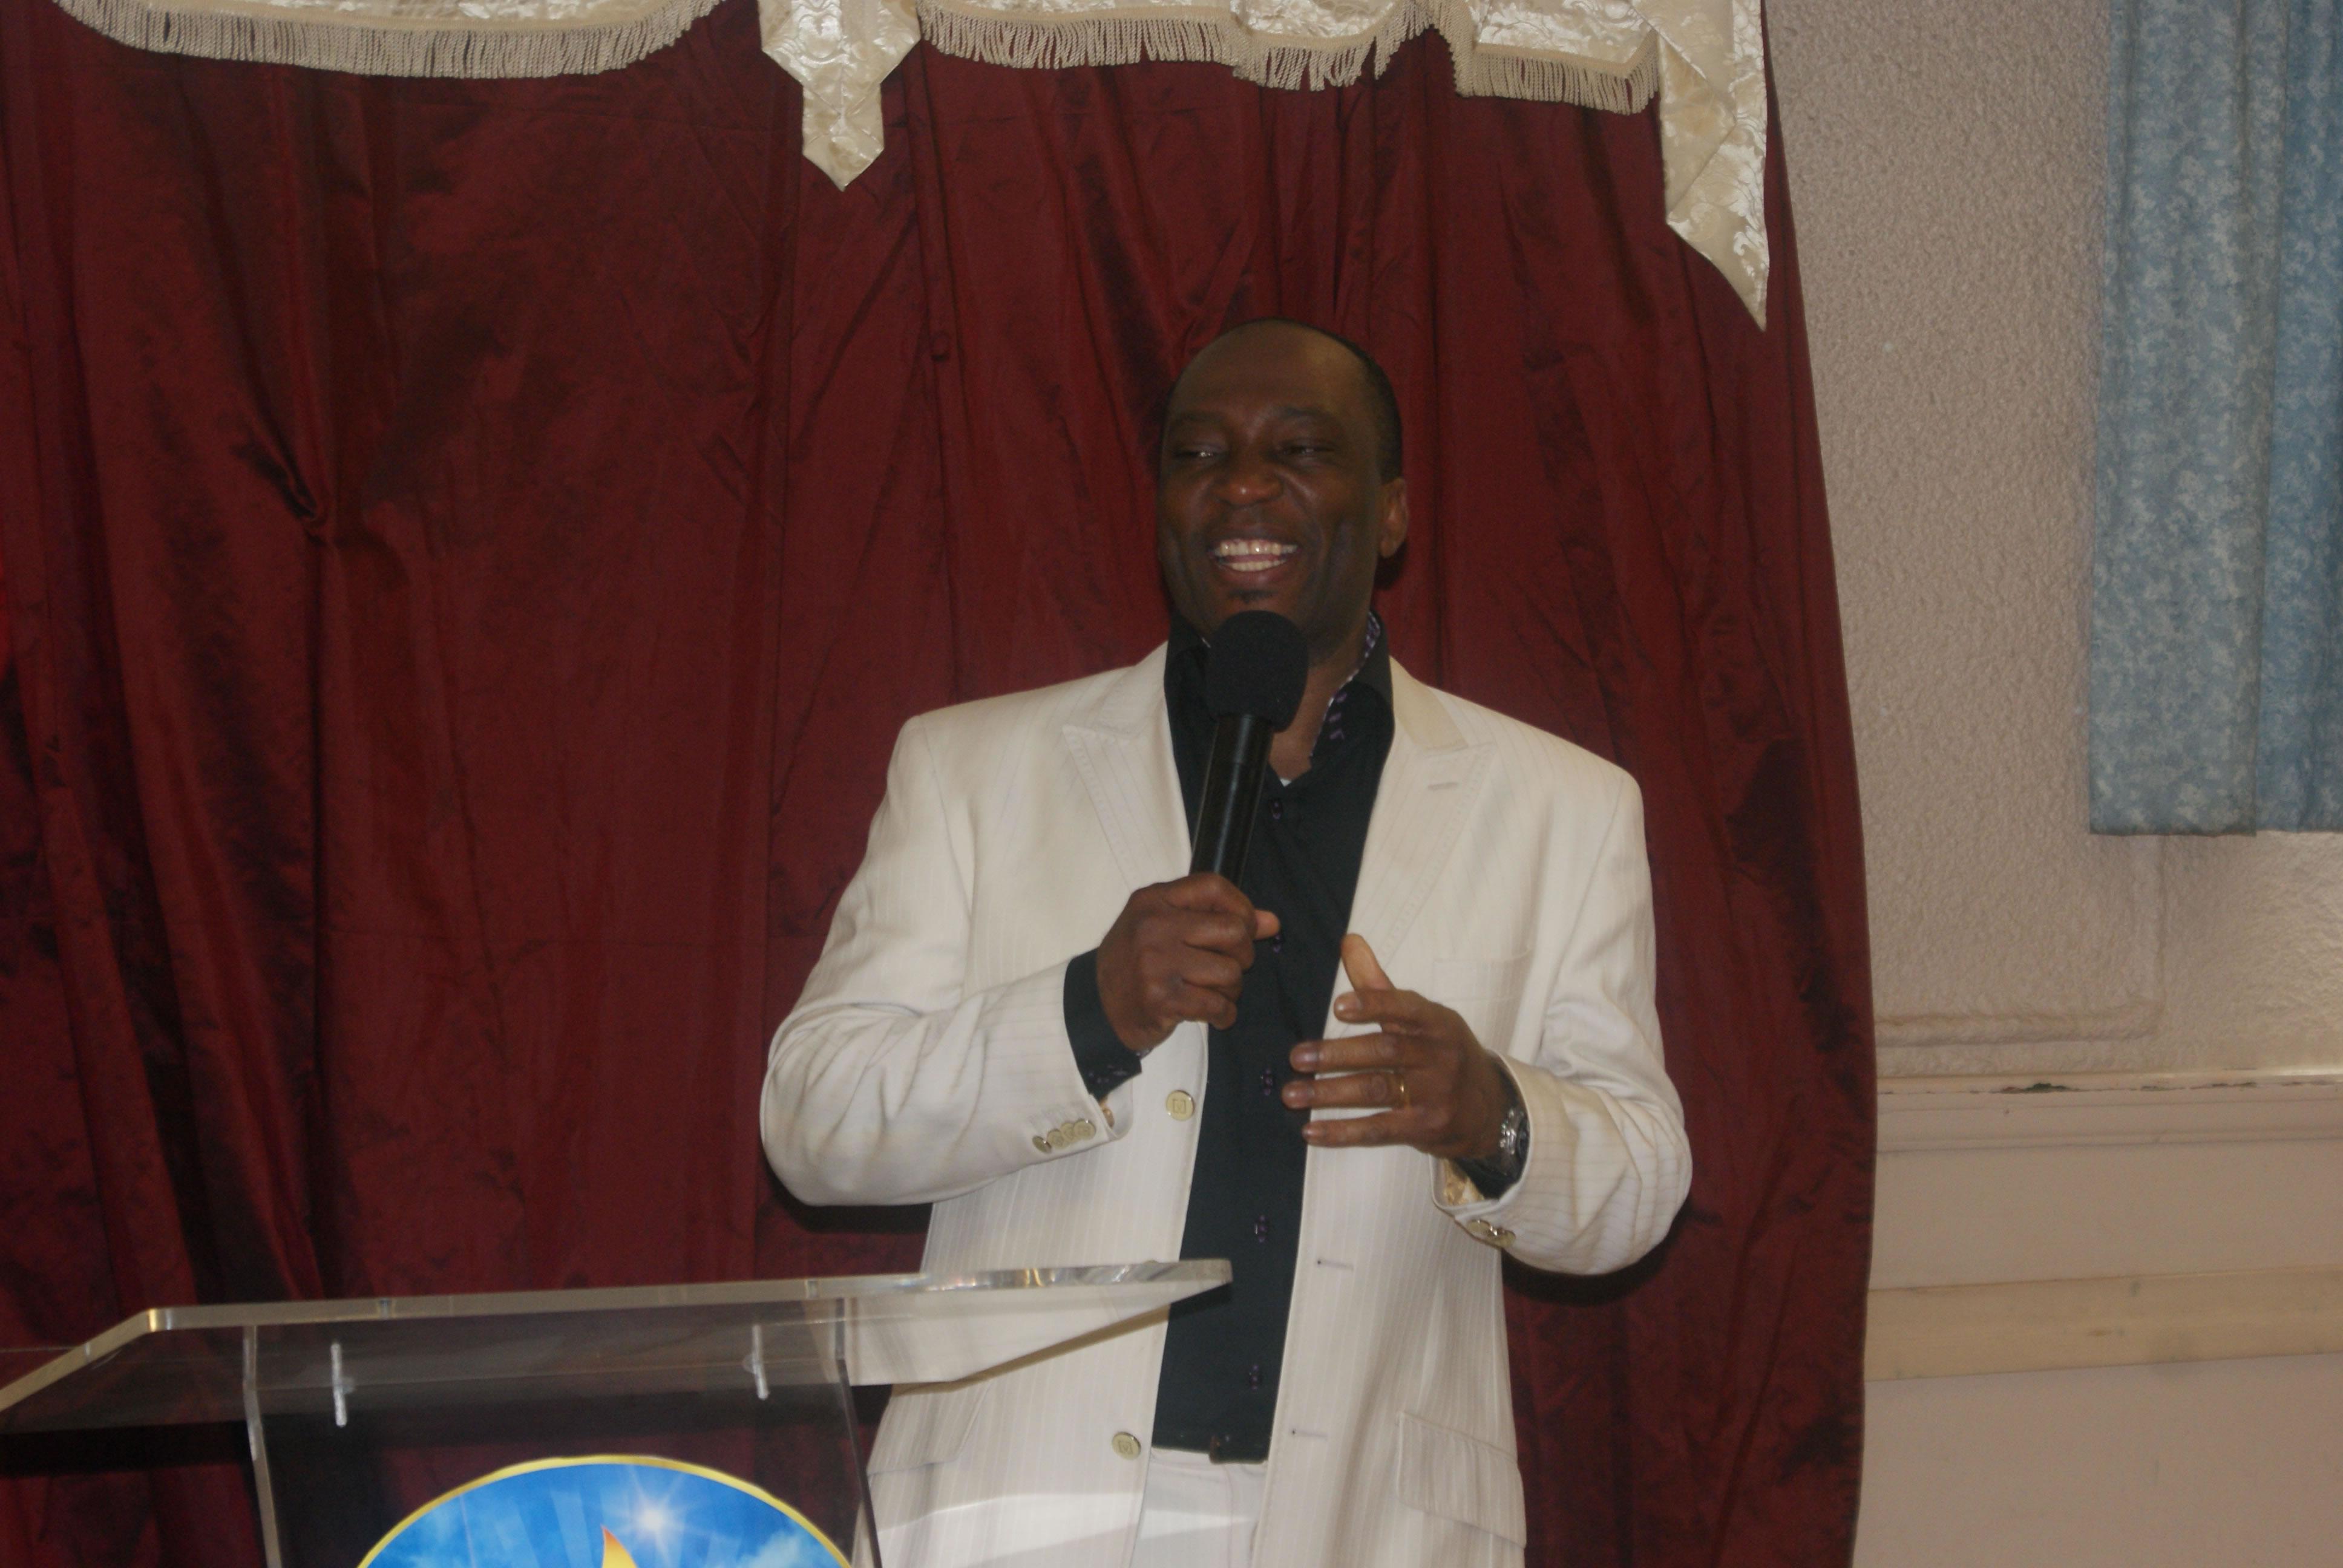 Pastor Charles Olisanekwu